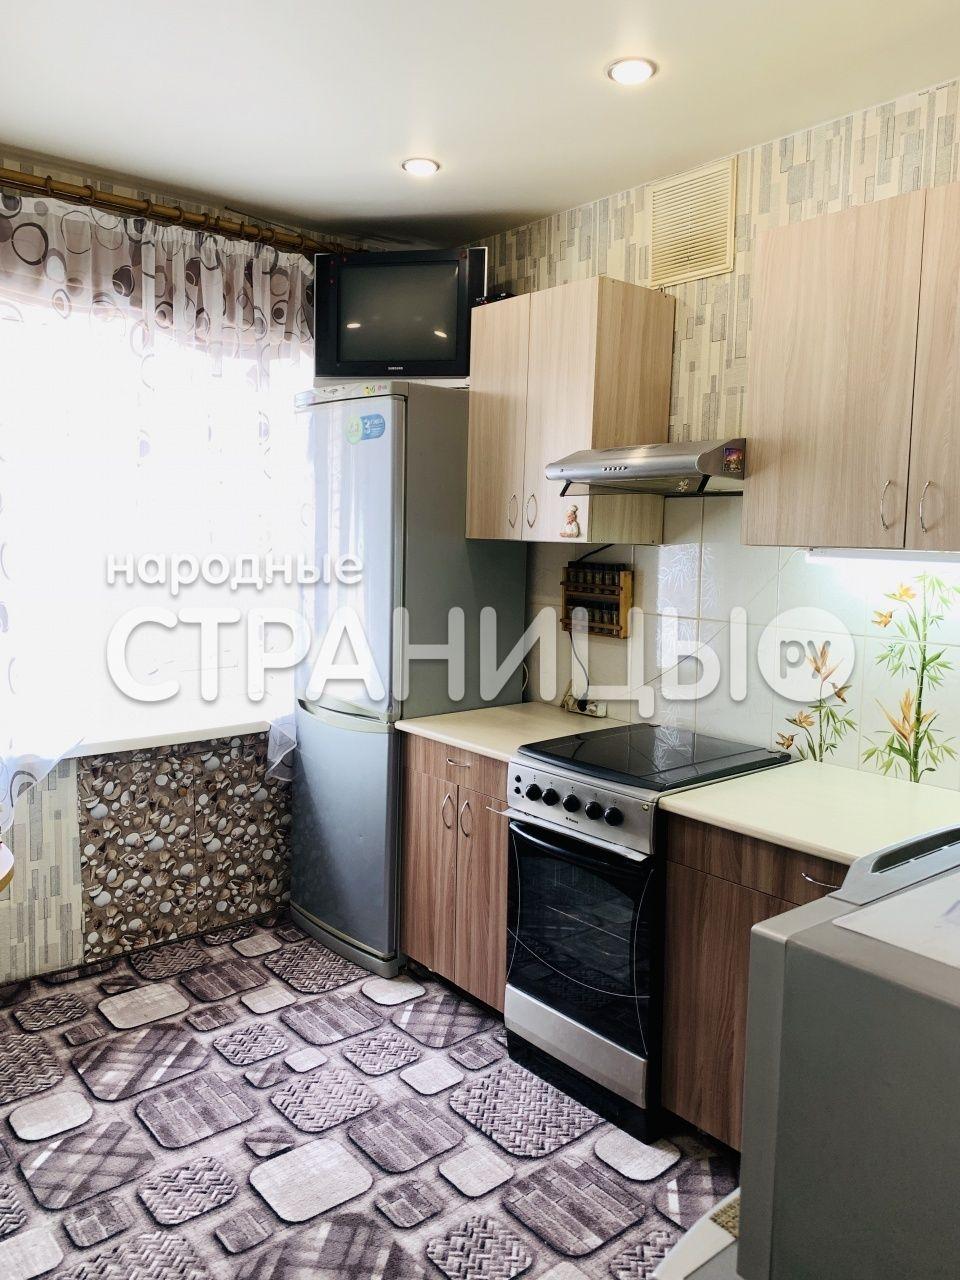 1-комнатная квартира, 35.3 м²,  1/6 эт. Кирпичный дом